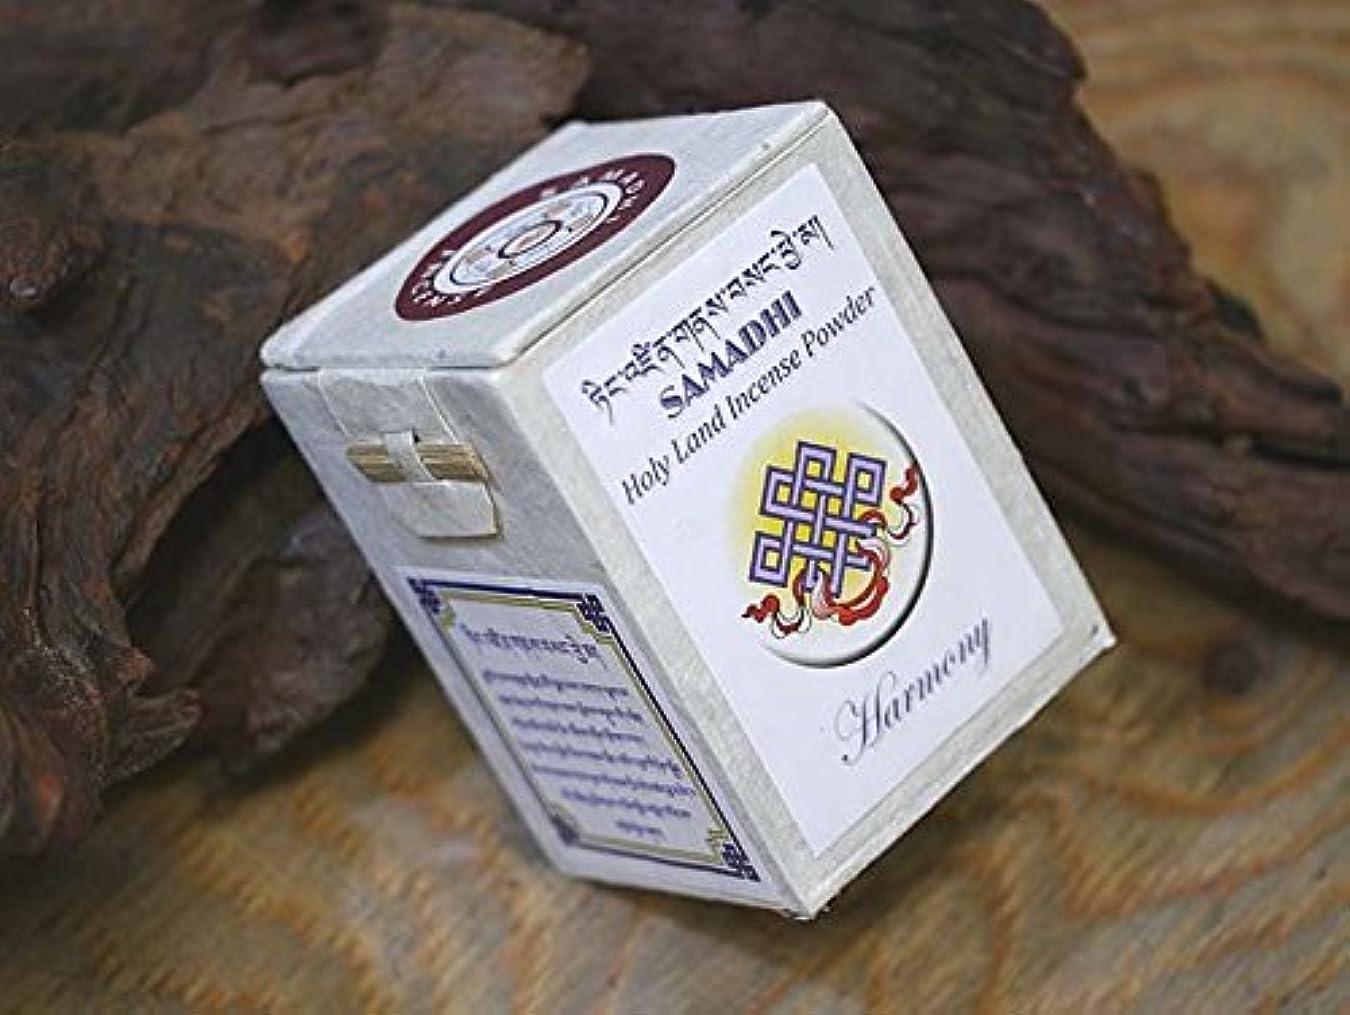 信条終了しました徹底的にタルパチョリンナニー チベット仏教寺院タルパチョリンナニーのお香【SamadhiWhiteサマディホワイト パウダー香】